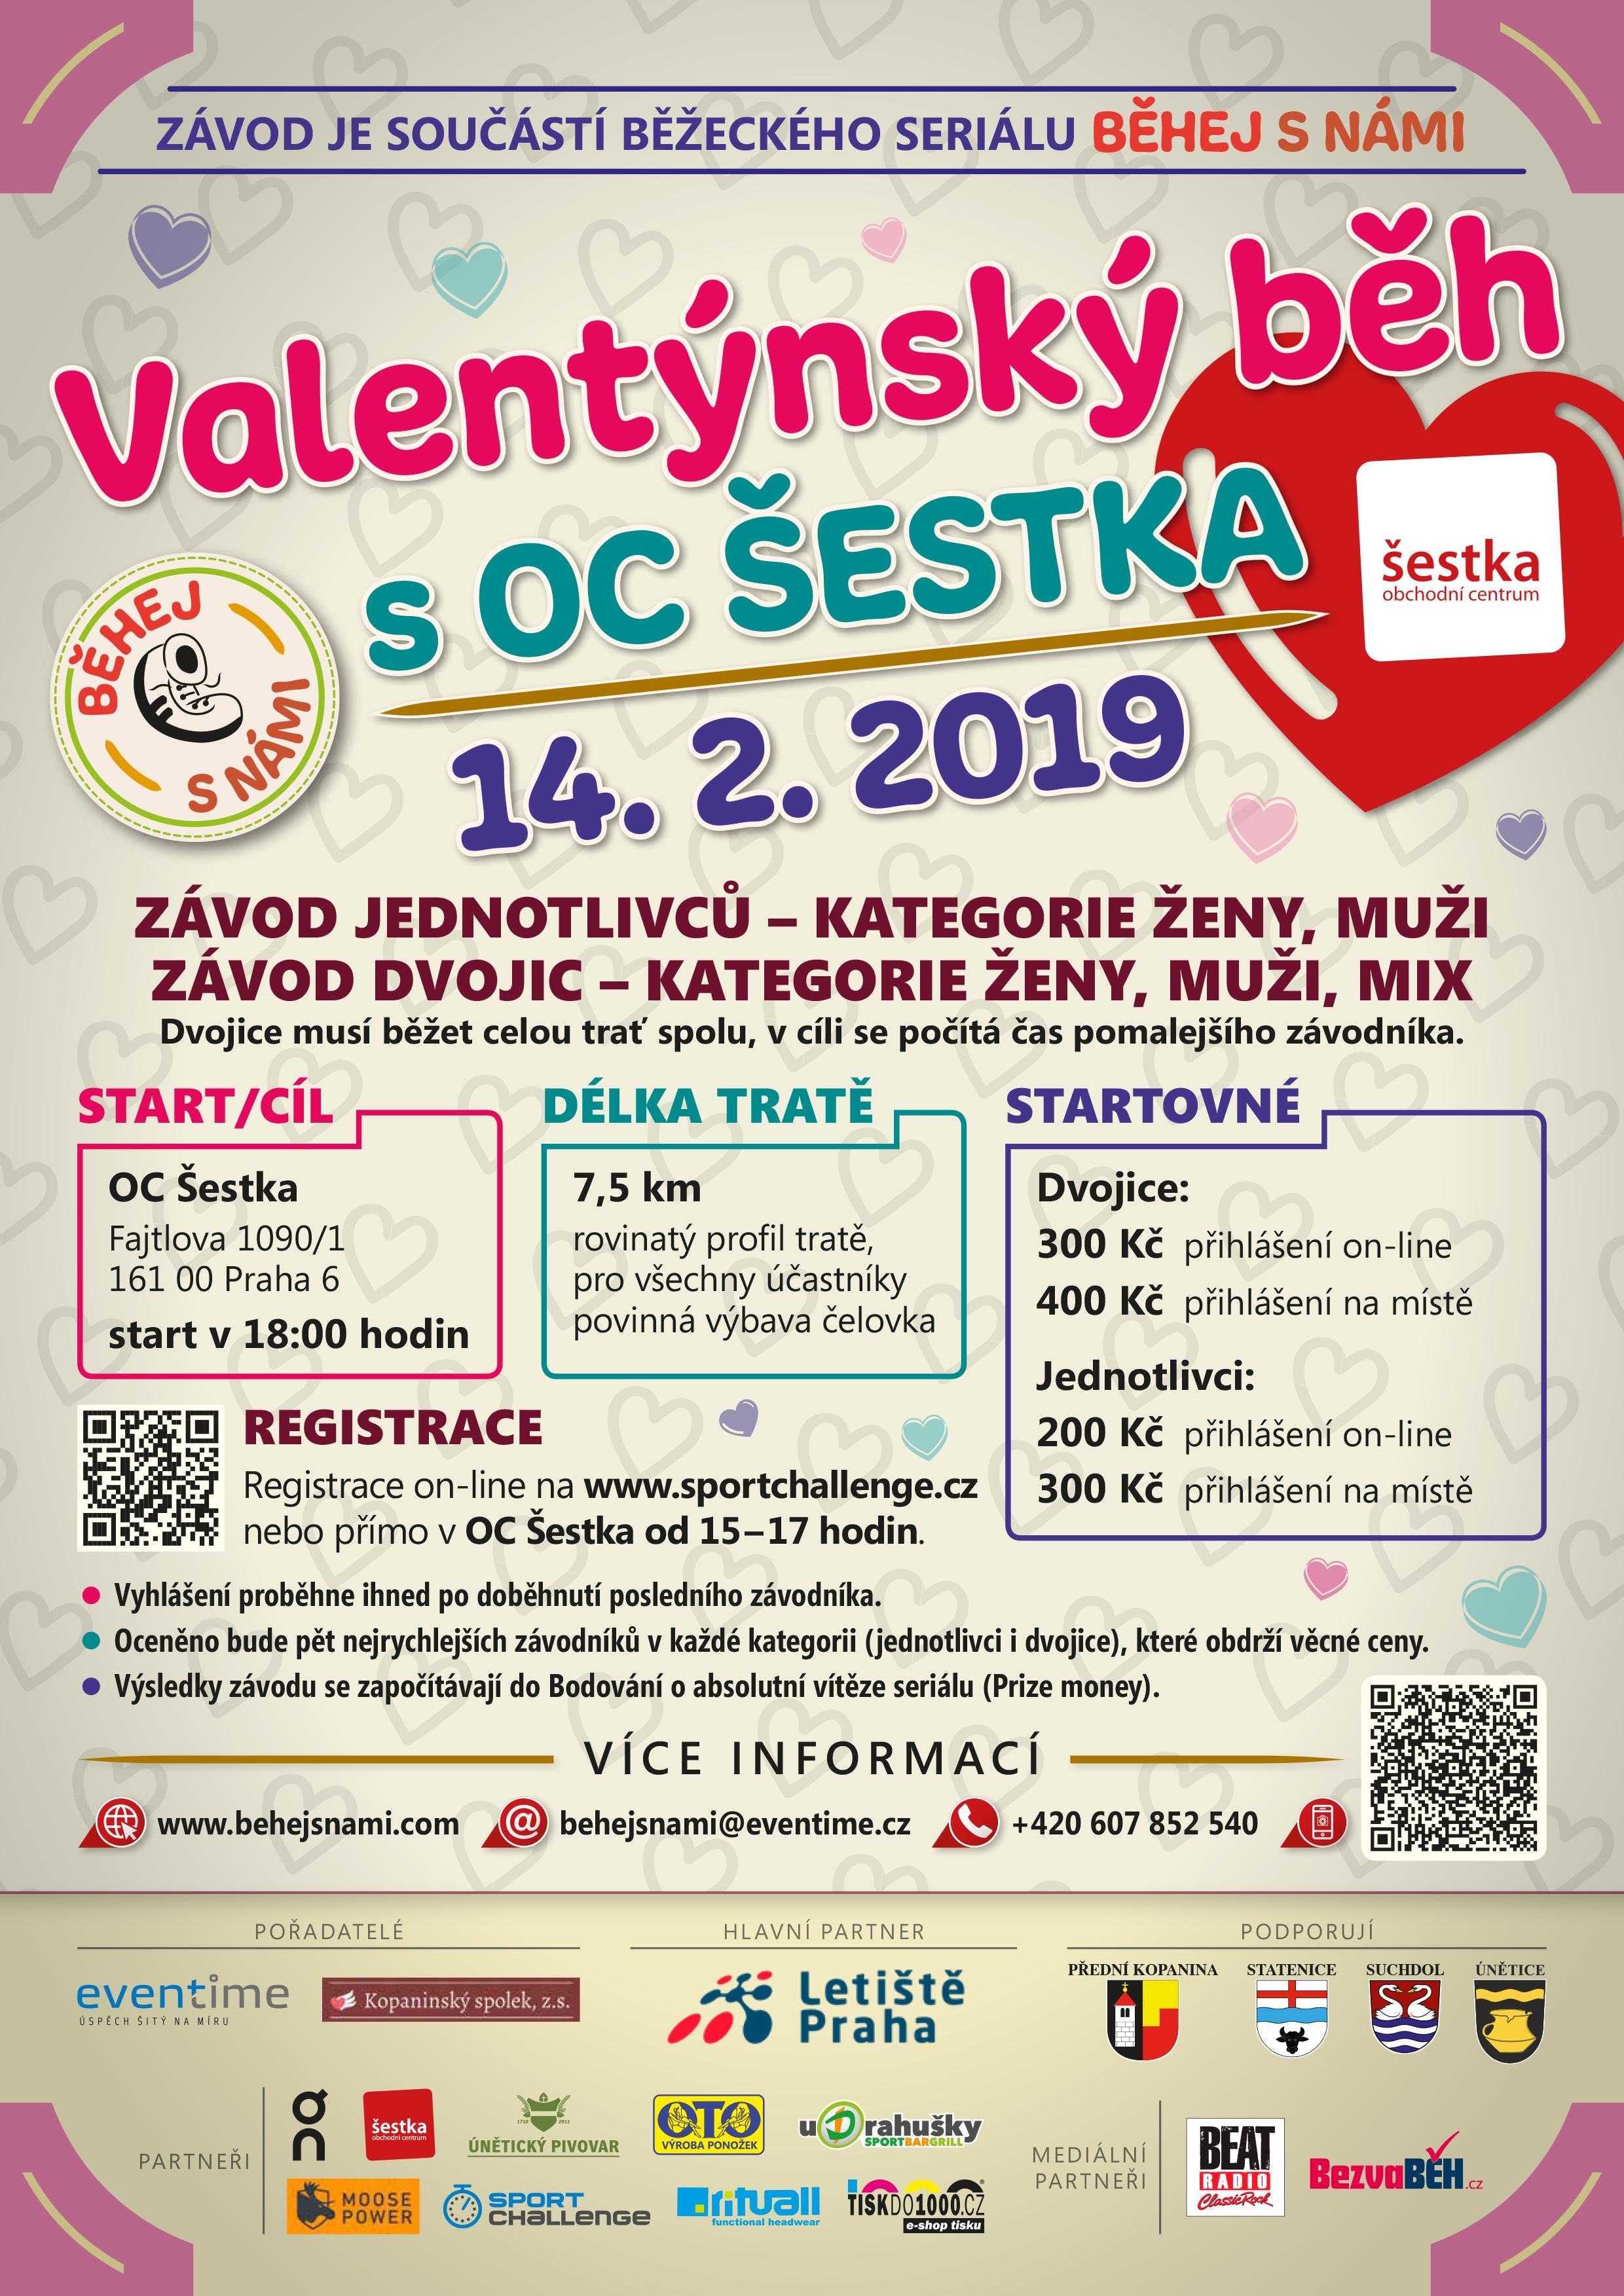 - Běhej s námi 2019 - Valentýnský běh OC Šestka